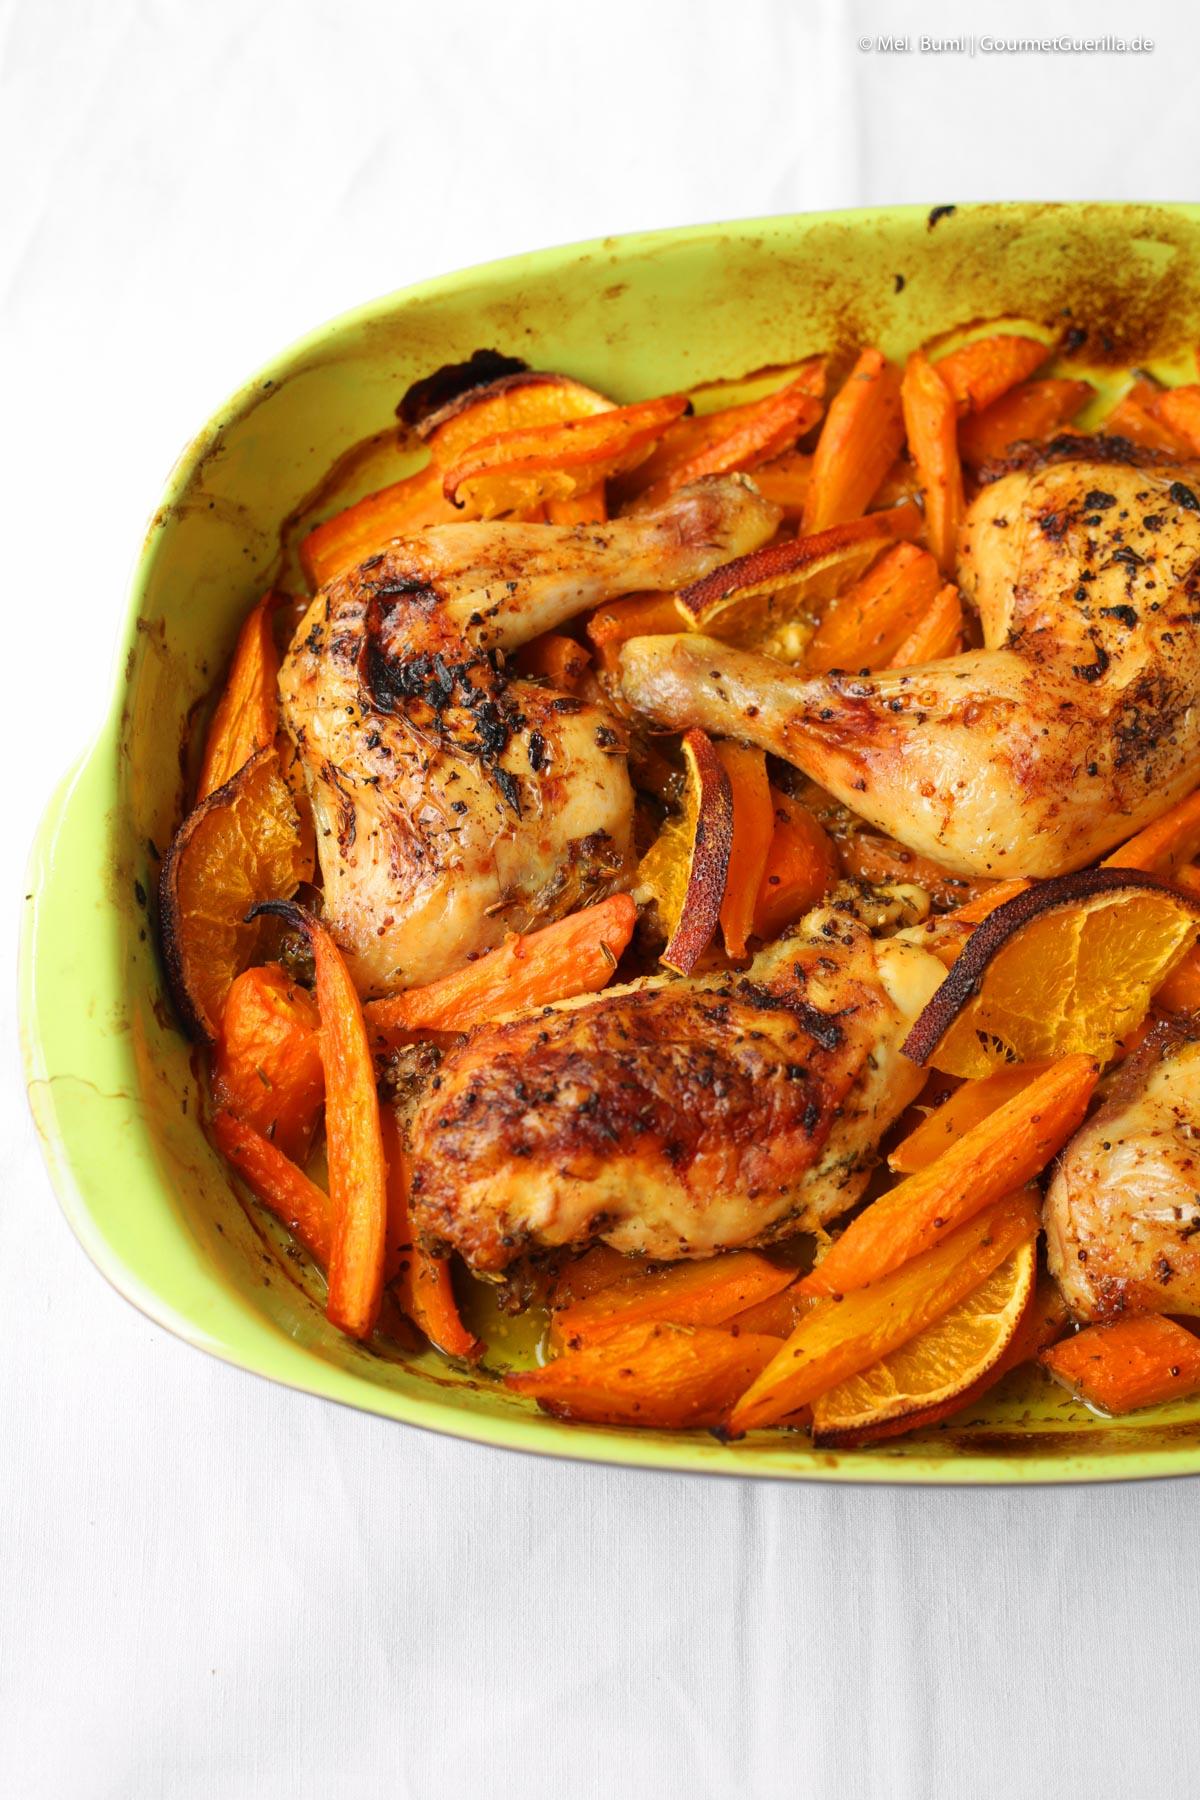 Gebackenes Hühnchen in Pernod-Dressing mit Möhren und Orangen |GourmetGuerilla.de